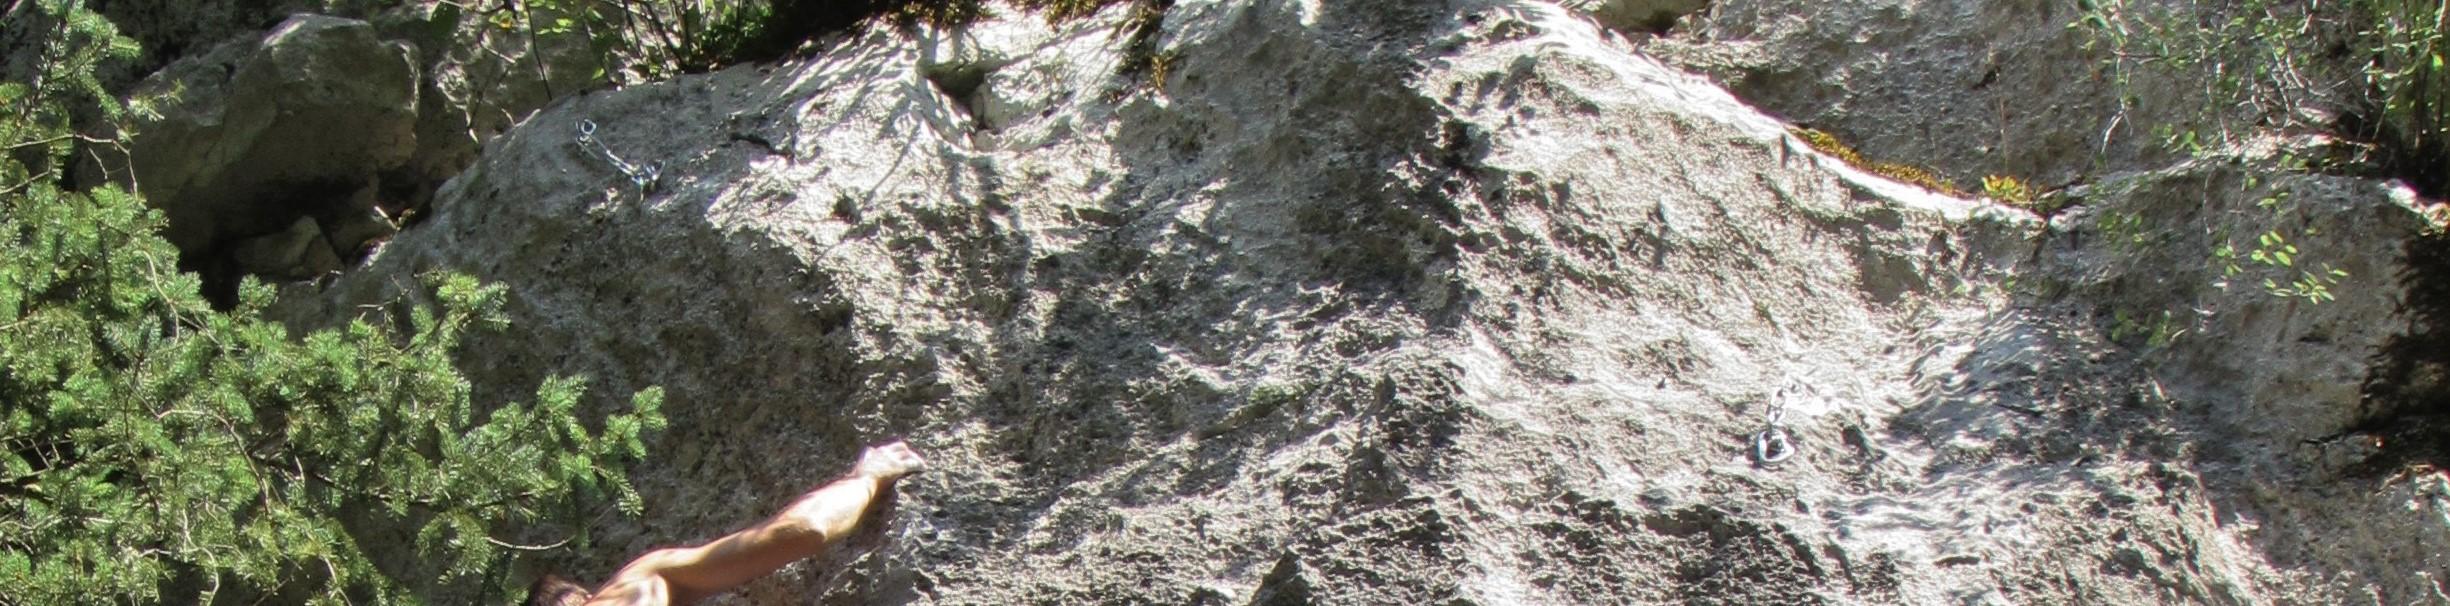 Park šuma Golubinjak - Gorski kotar za aktivni odmor, sport, slobodno penjanje